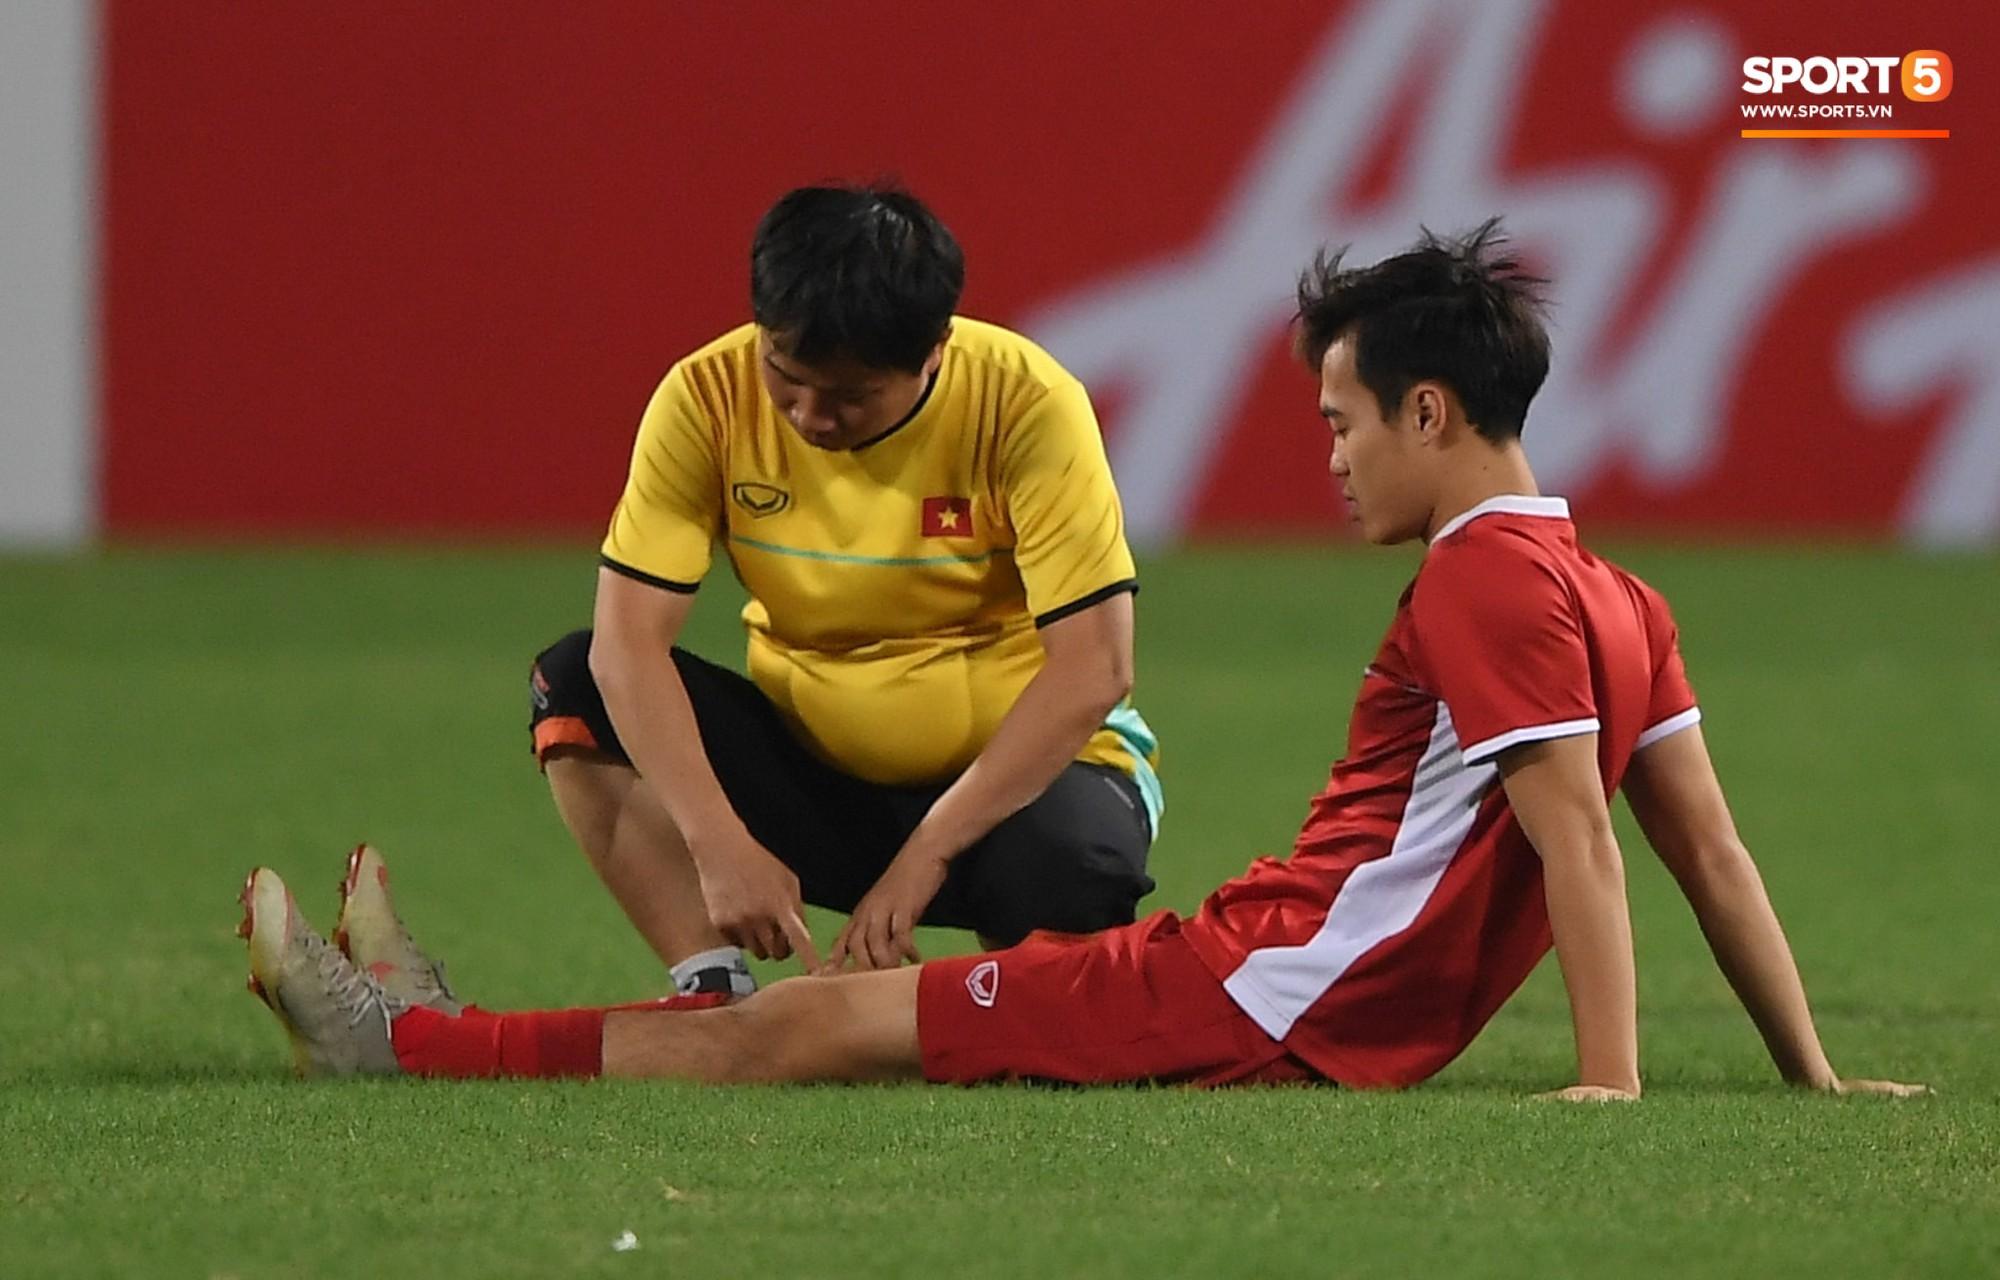 Văn Toàn tươi rói trong ngày trở lại, tuyển Việt Nam đón nhiều tin vui trước trận gặp Philippines-6